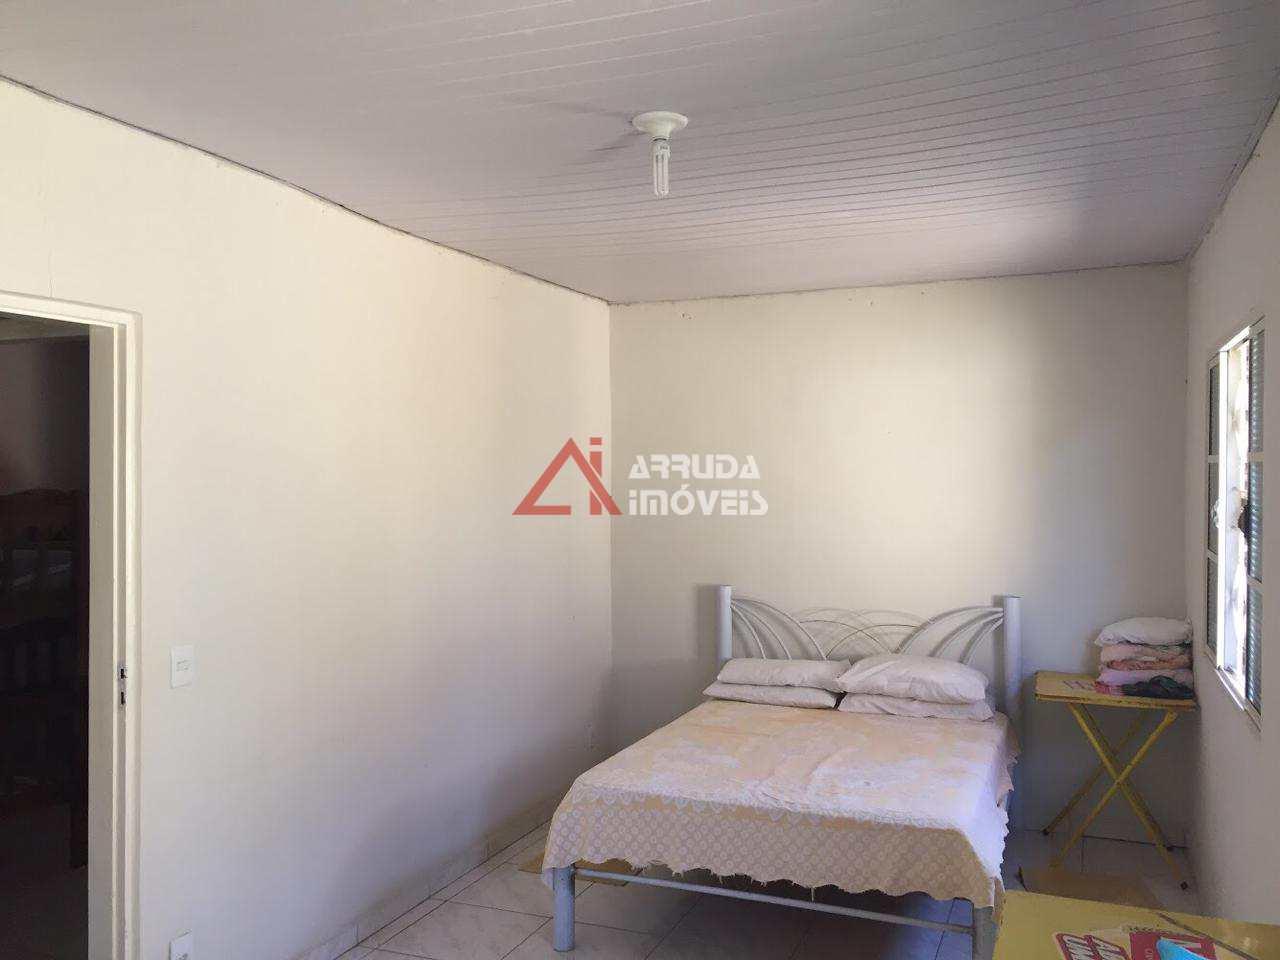 Sítio com 3 dorms, Pinheirinho, Itu - R$ 2.6 mi, Cod: 42513